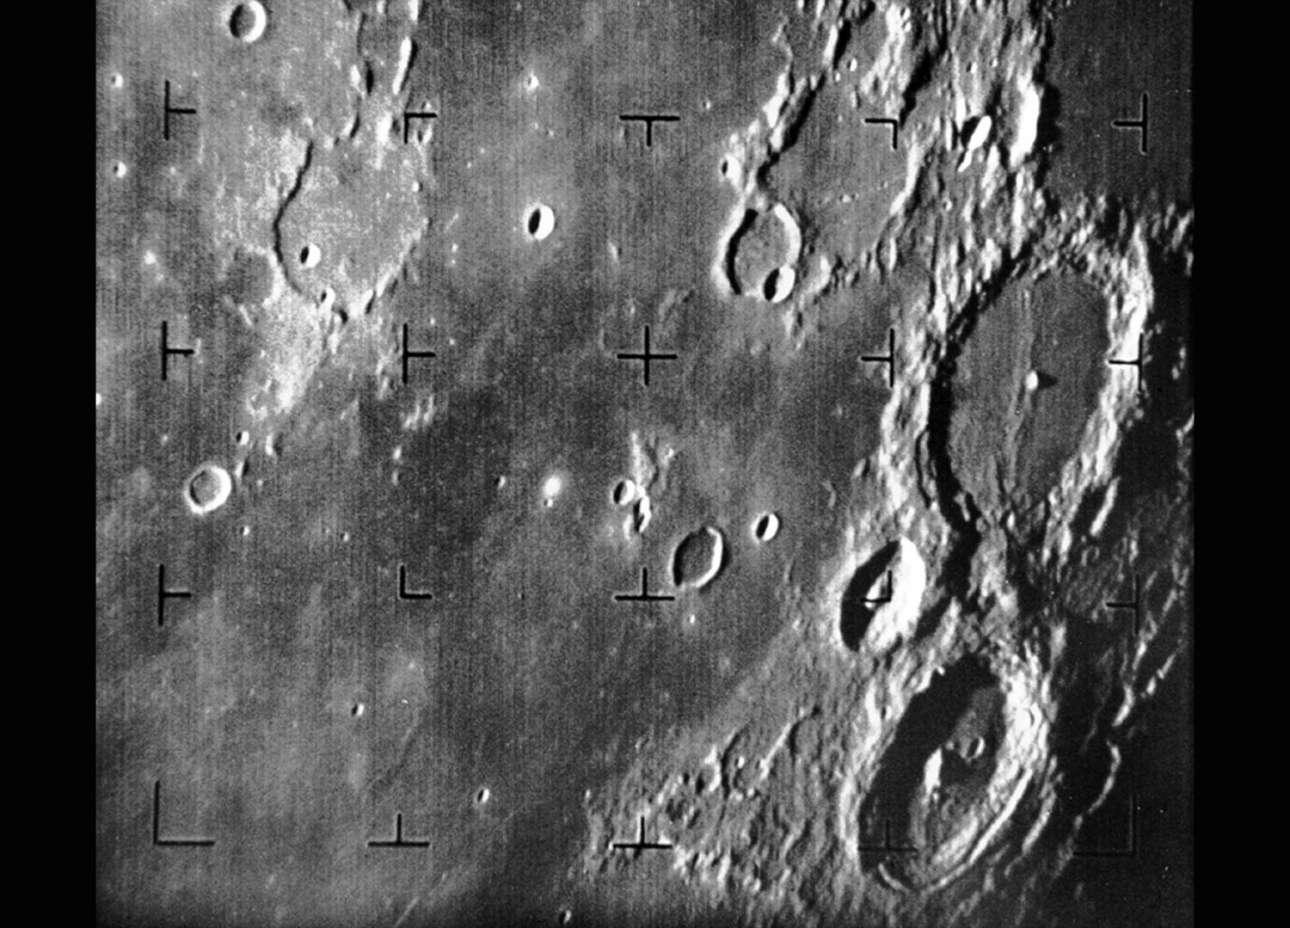 Και η πρώτη εικόνα της Σελήνης από διαστημικό όχημα των ΗΠΑ. Το Ranger 7 αποτύπωσε το παραπάνω καρέ στις 31 Ιουλίου 1964, περίπου 17 λεπτά πριν προσκρούσει στην επιφάνεια της Σελήνης. Ο μεγάλος κρατήρας που διακρίνεται στη δεξιά πλευρά είναι ο Aλφόνσος, πάνω βρίσκεται ο Πτολεμαίος και κάτω ο Arzachel